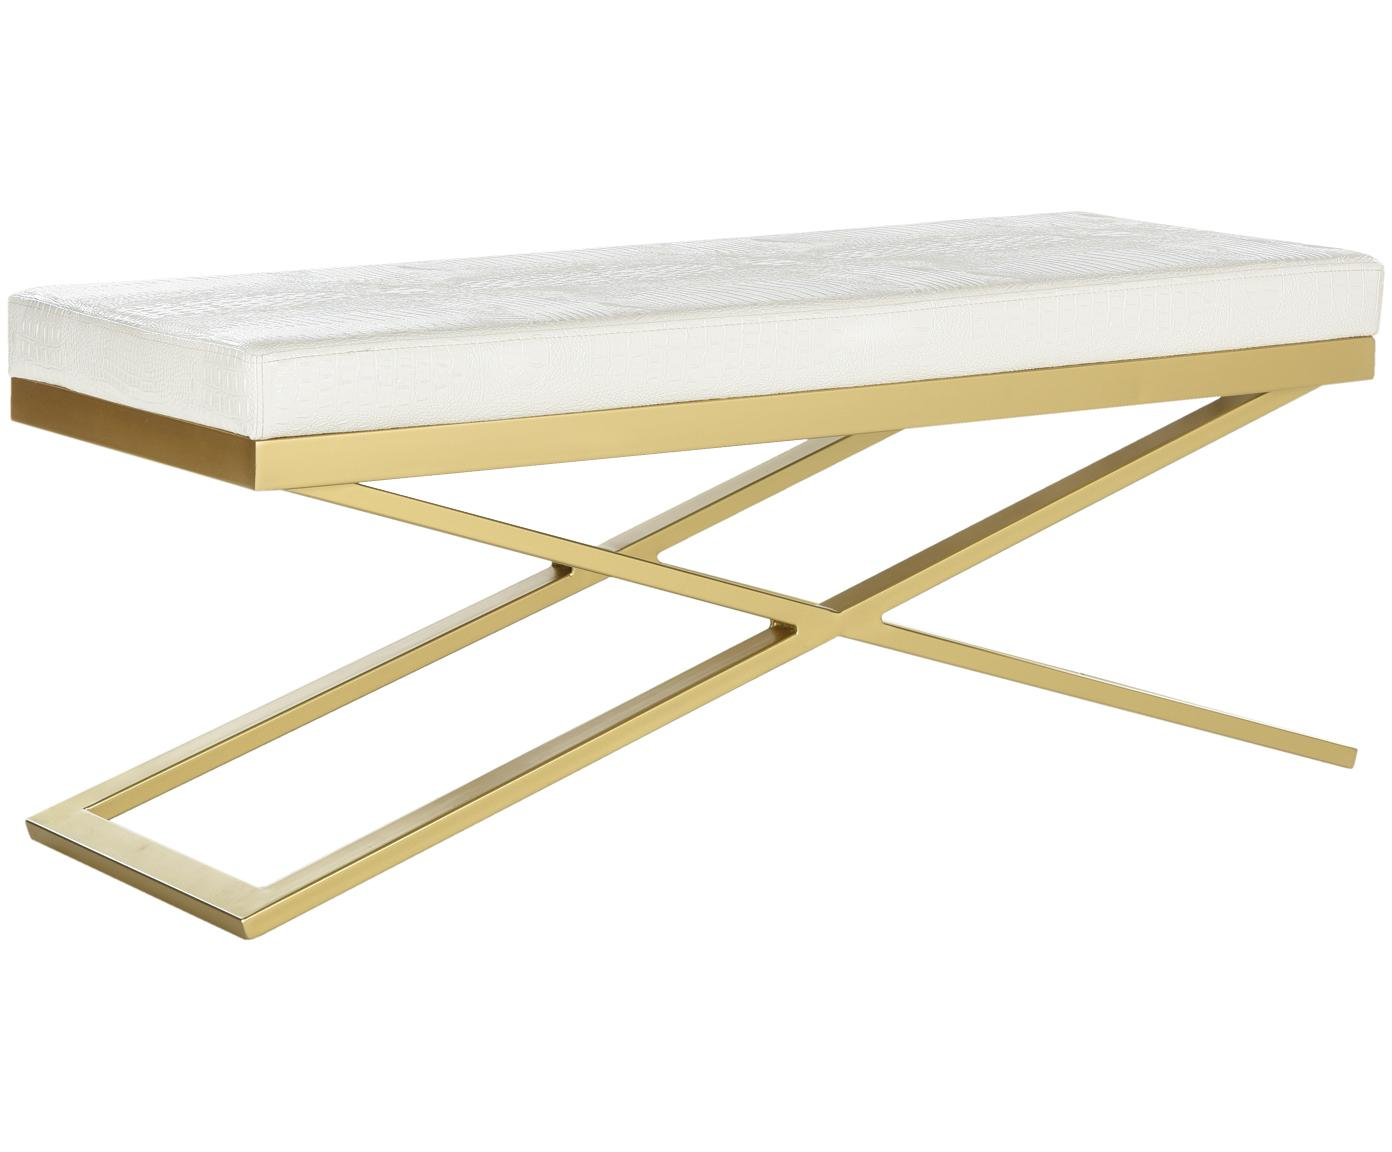 Banco de cuero sintético Susan, Estructura: acero, pintado, Tapizado: cuero sintético (poliuret, Blanco, dorado, An 109 x Al 46 cm